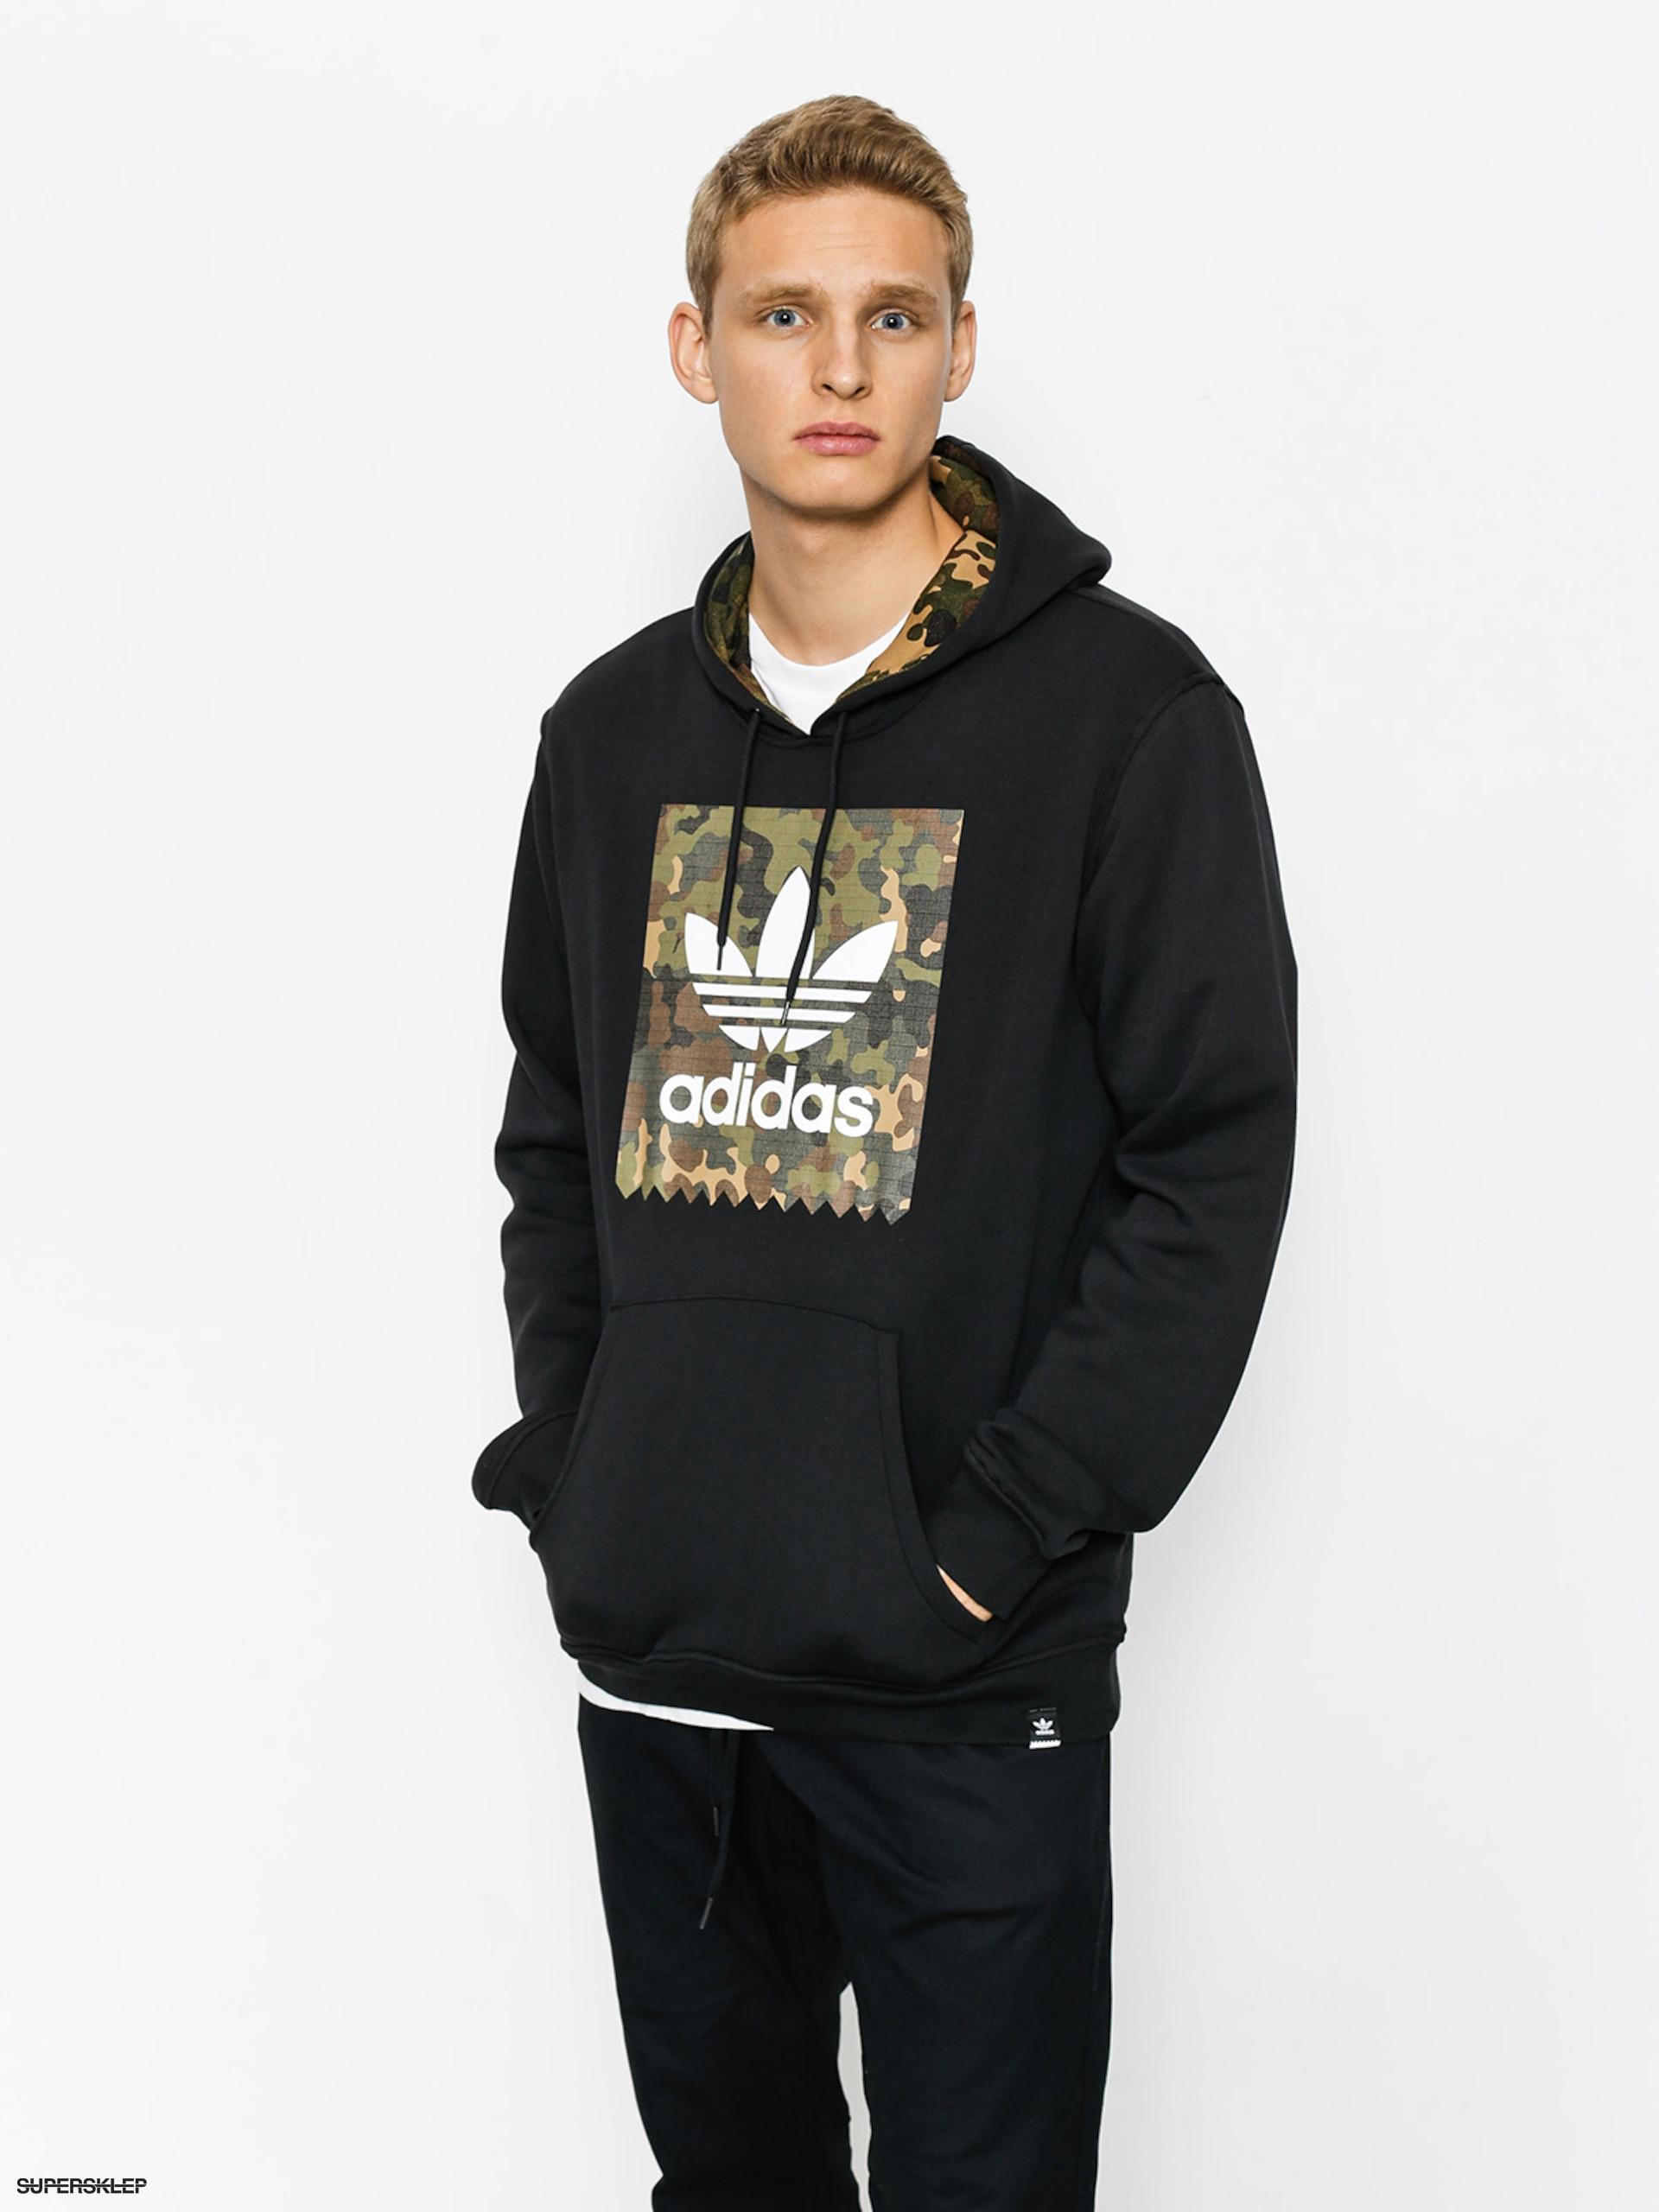 sklep z wyprzedażami klasyczny styl Trampki 2018 Bluza z kapturem adidas Bb Camo HD (black/camo print)